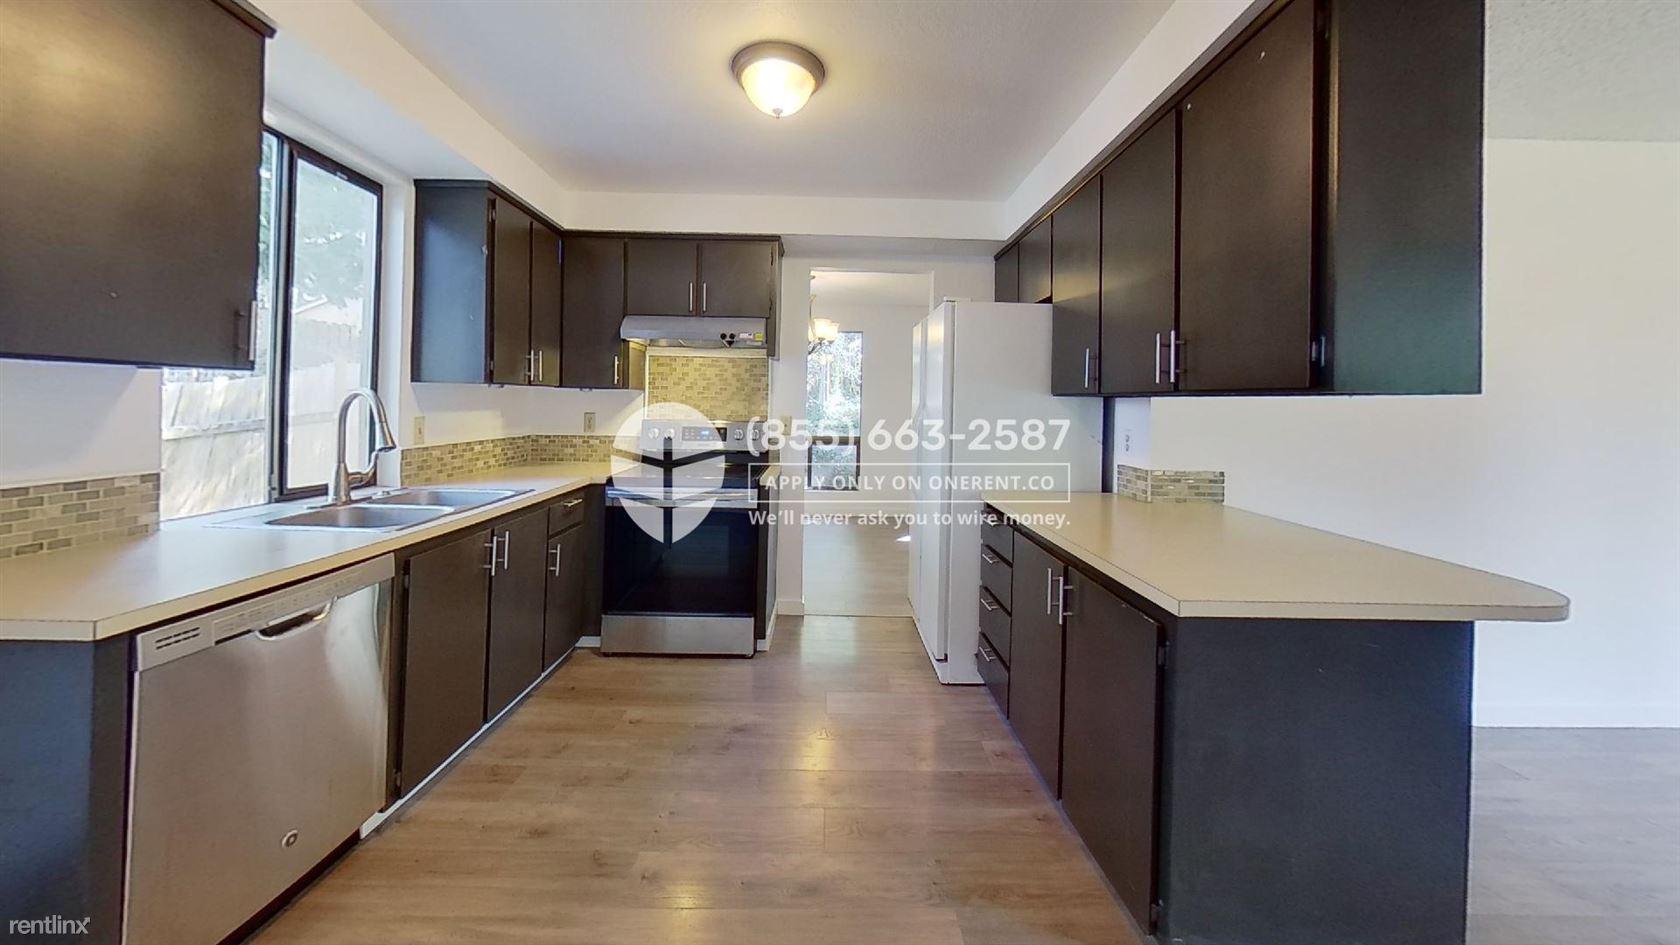 9101 NE 142nd Way, Kirkland, WA - $2,599 USD/ month